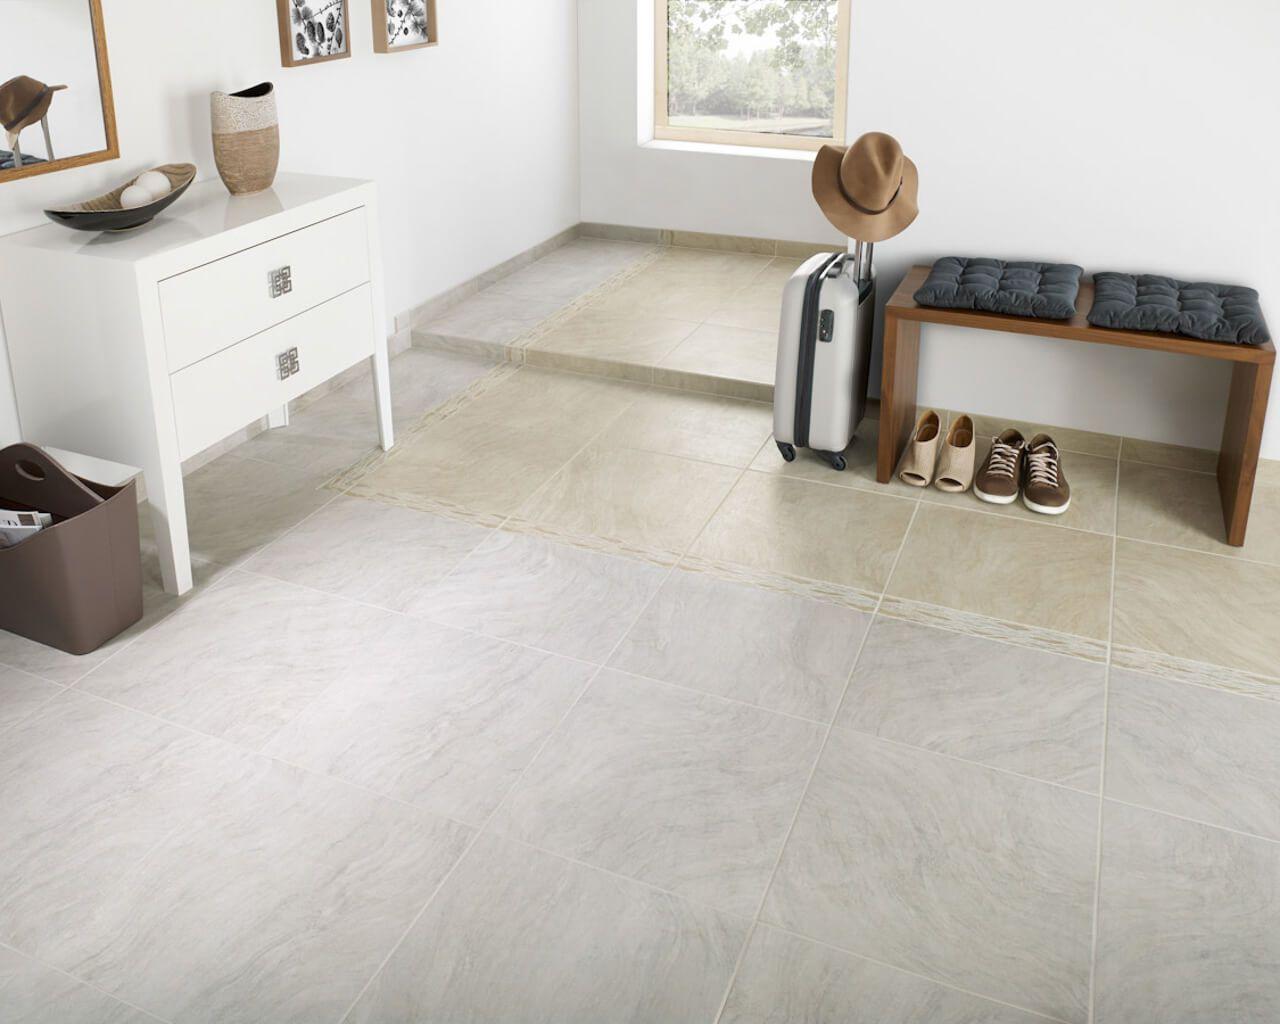 Wiser Grau Und Beige Fliesen Imitieren Stein Im Format 45x45cm Ceramika Paradyz